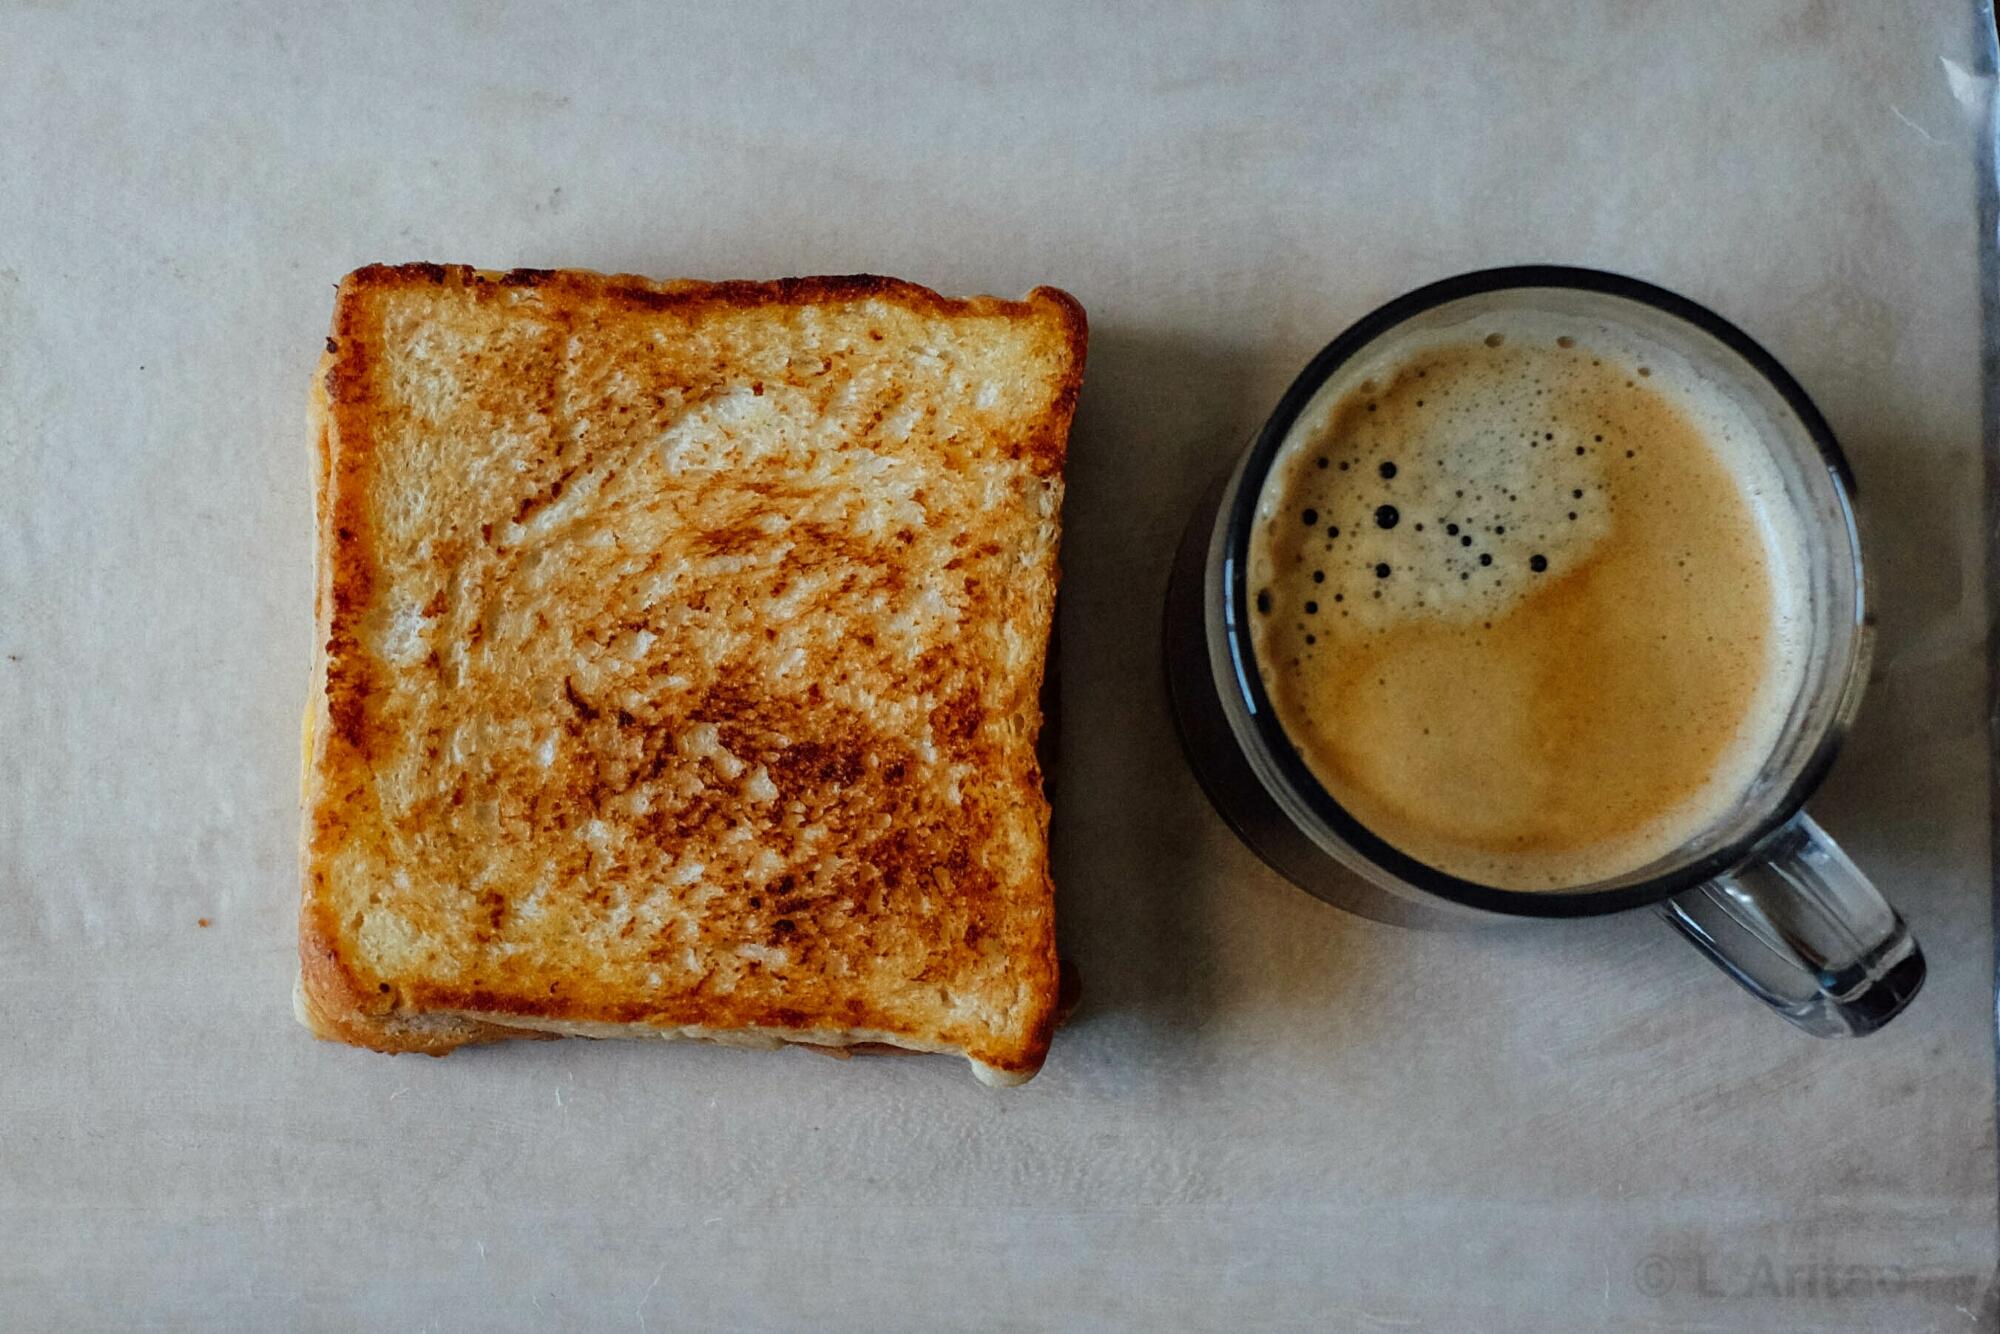 ผลการค้นหารูปภาพสำหรับ coffee and sandwich